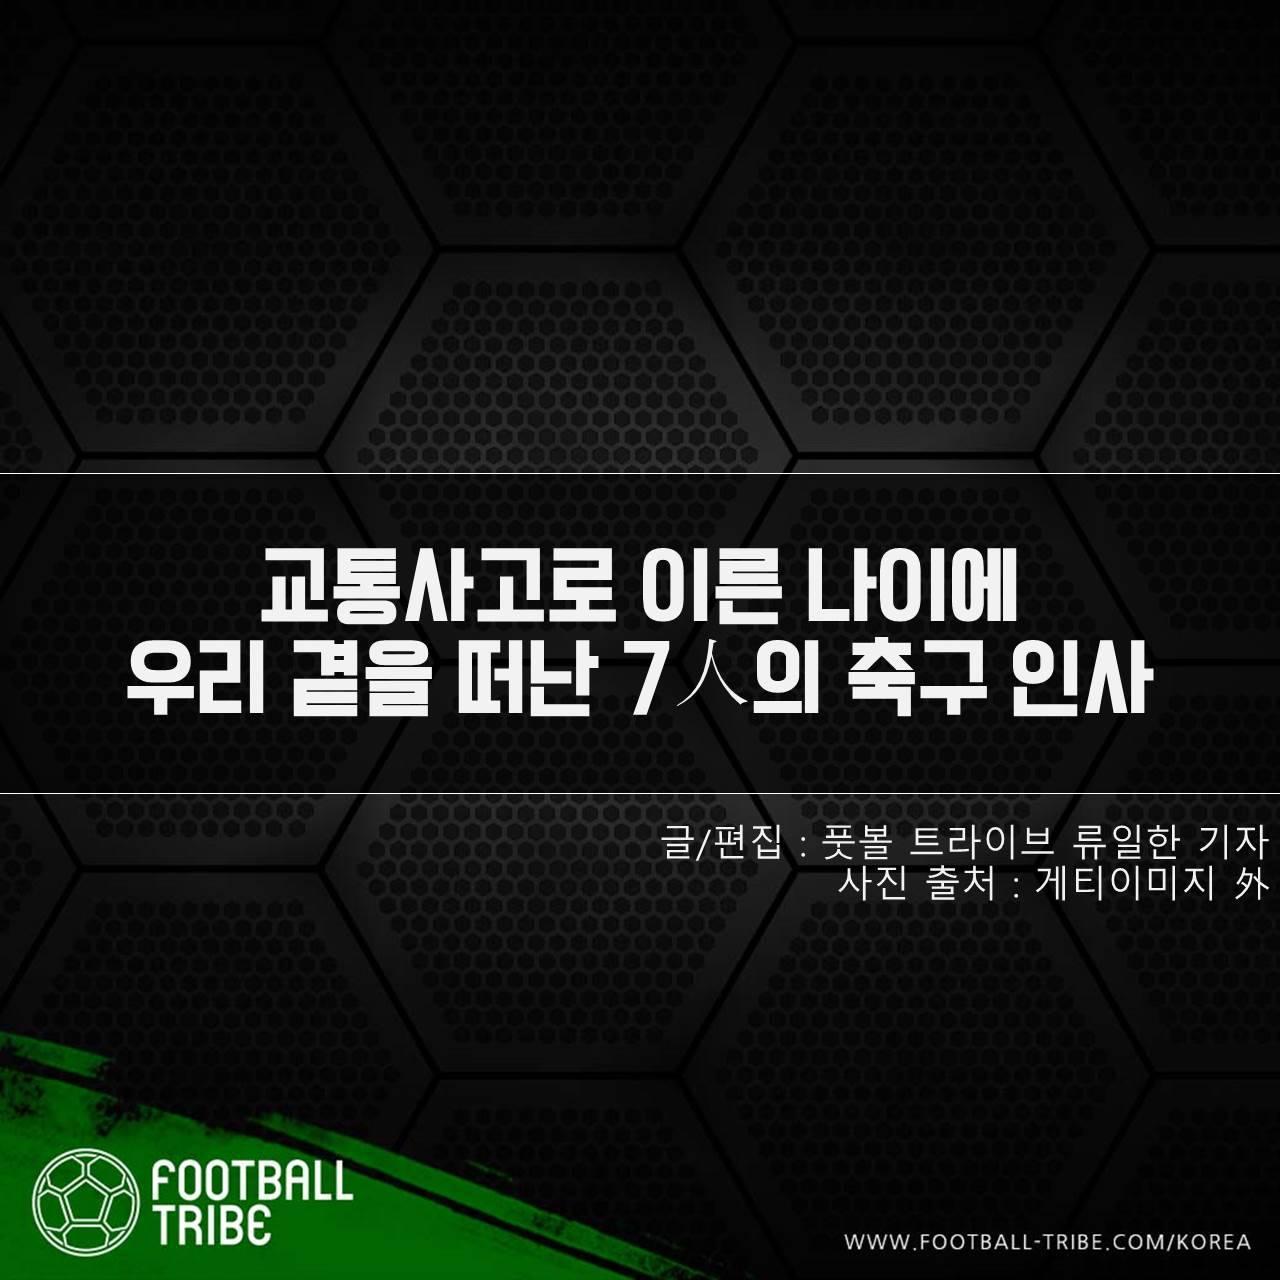 [카드 뉴스] 교통사고로 이른 나이에 우리 곁을 떠난 7人의 축구 인사